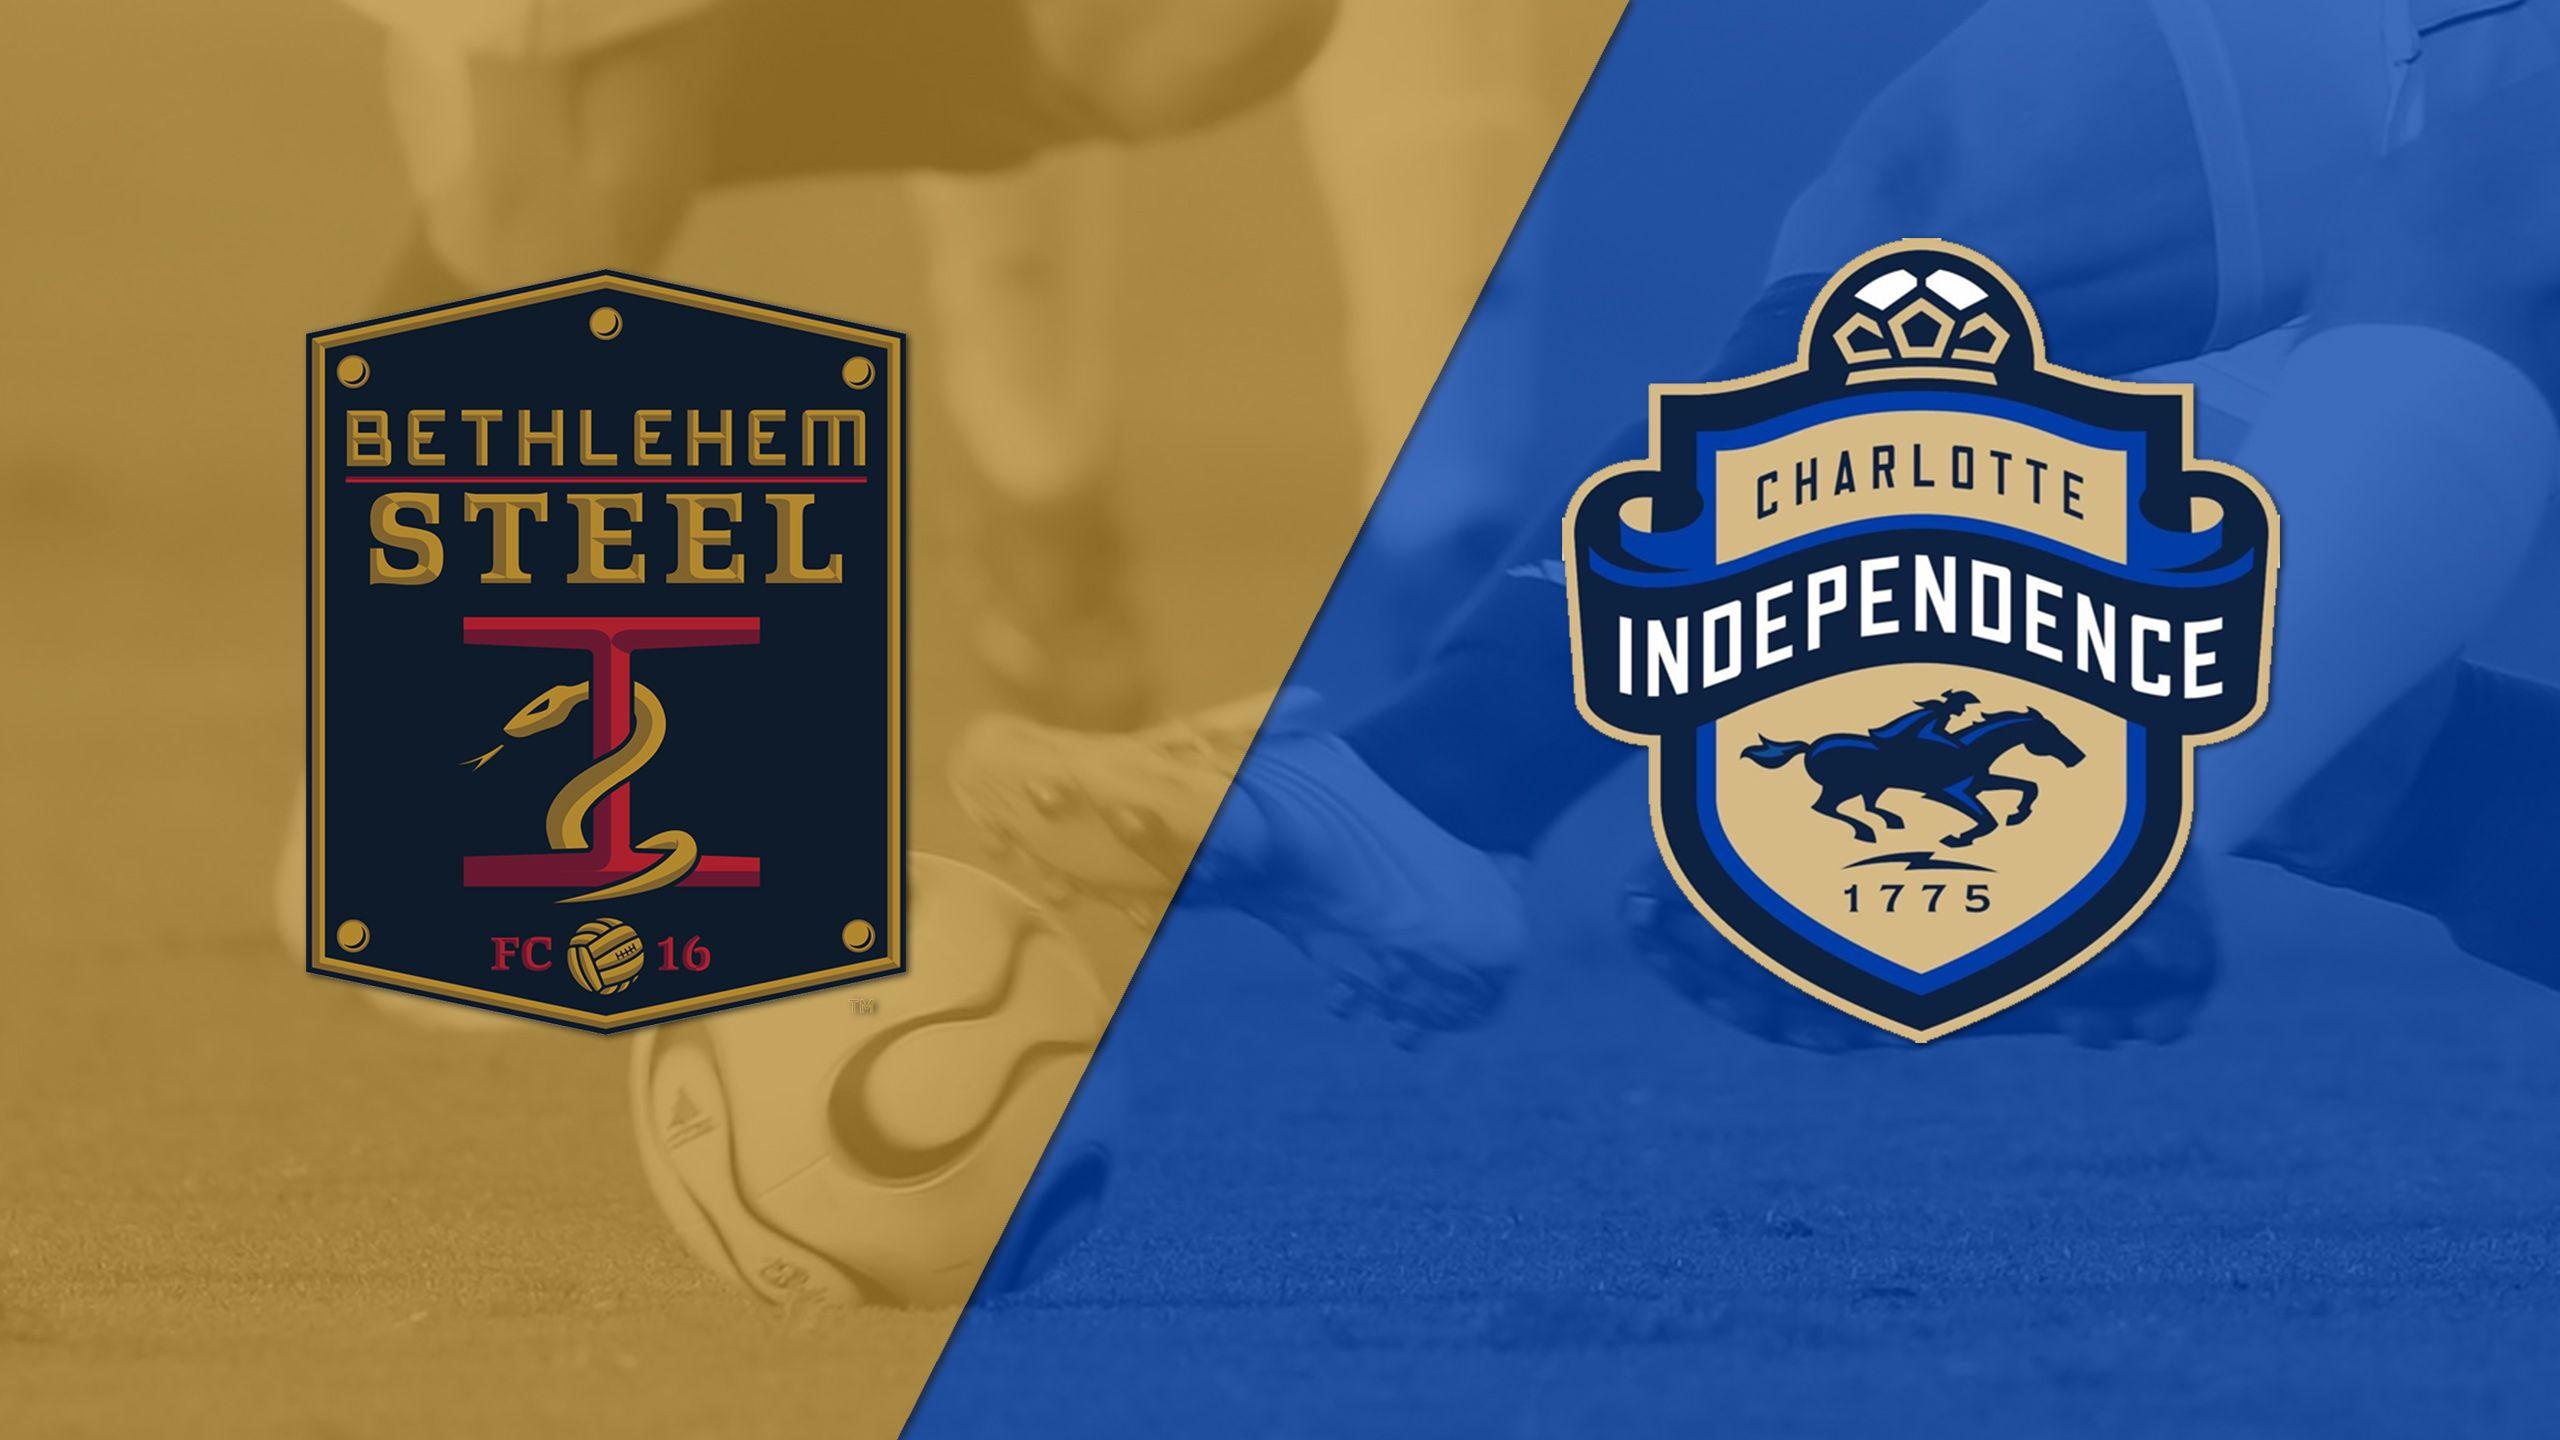 Bethlehem Steel FC vs. Charlotte Independence